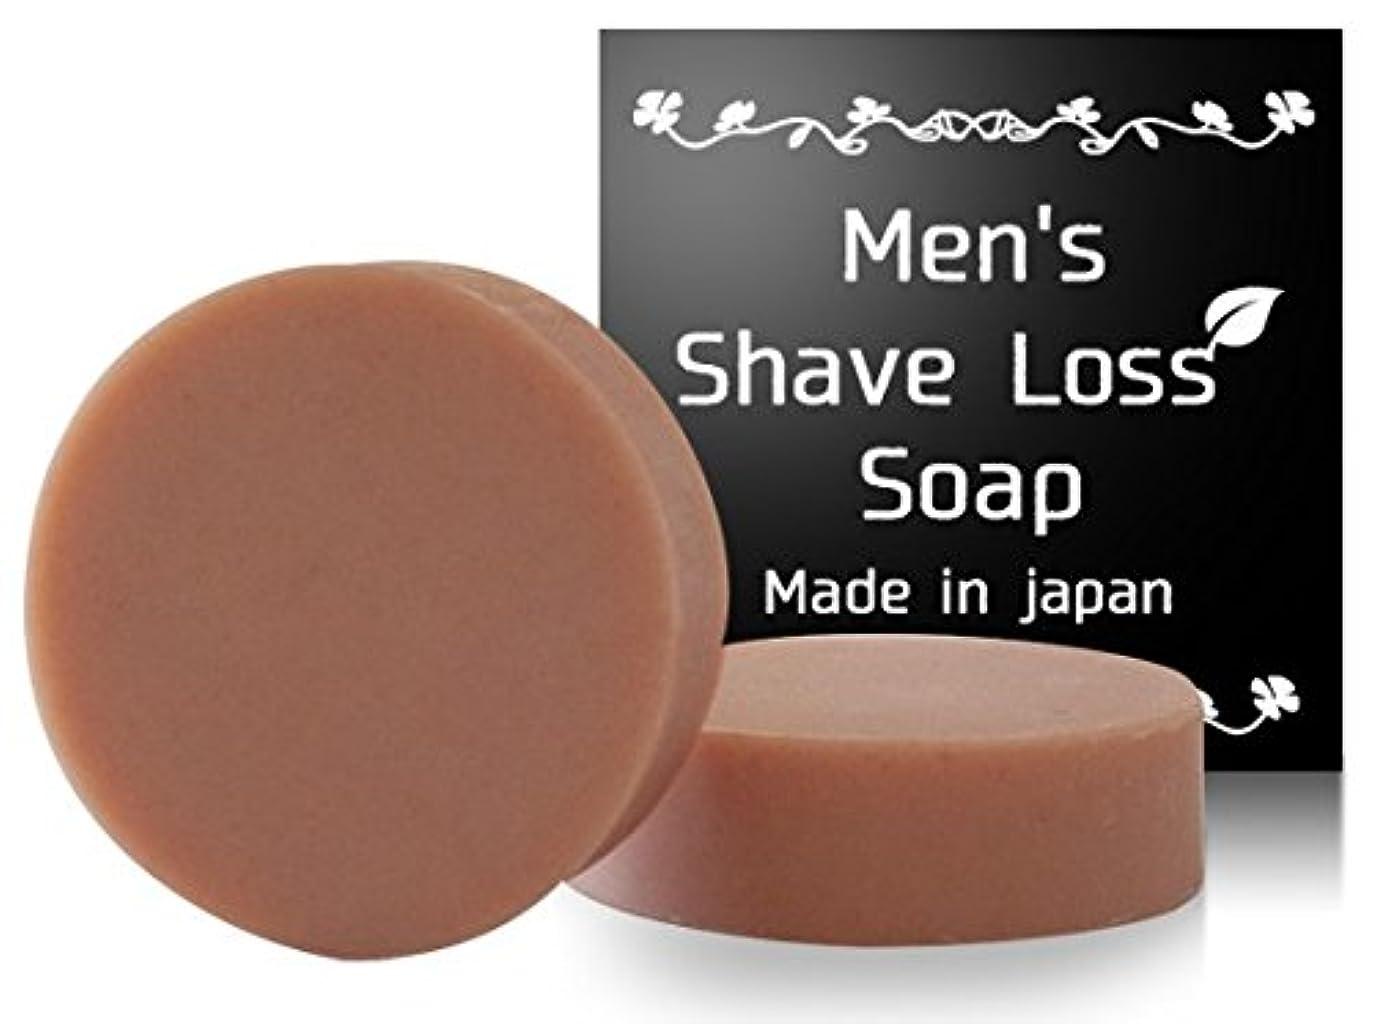 プレゼントリーク贅沢なMens Shave Loss Soap シェーブロス 剛毛は嫌!ツルツル過ぎも嫌! そんな夢を叶えた奇跡の石鹸! 【男性専用】(1個)